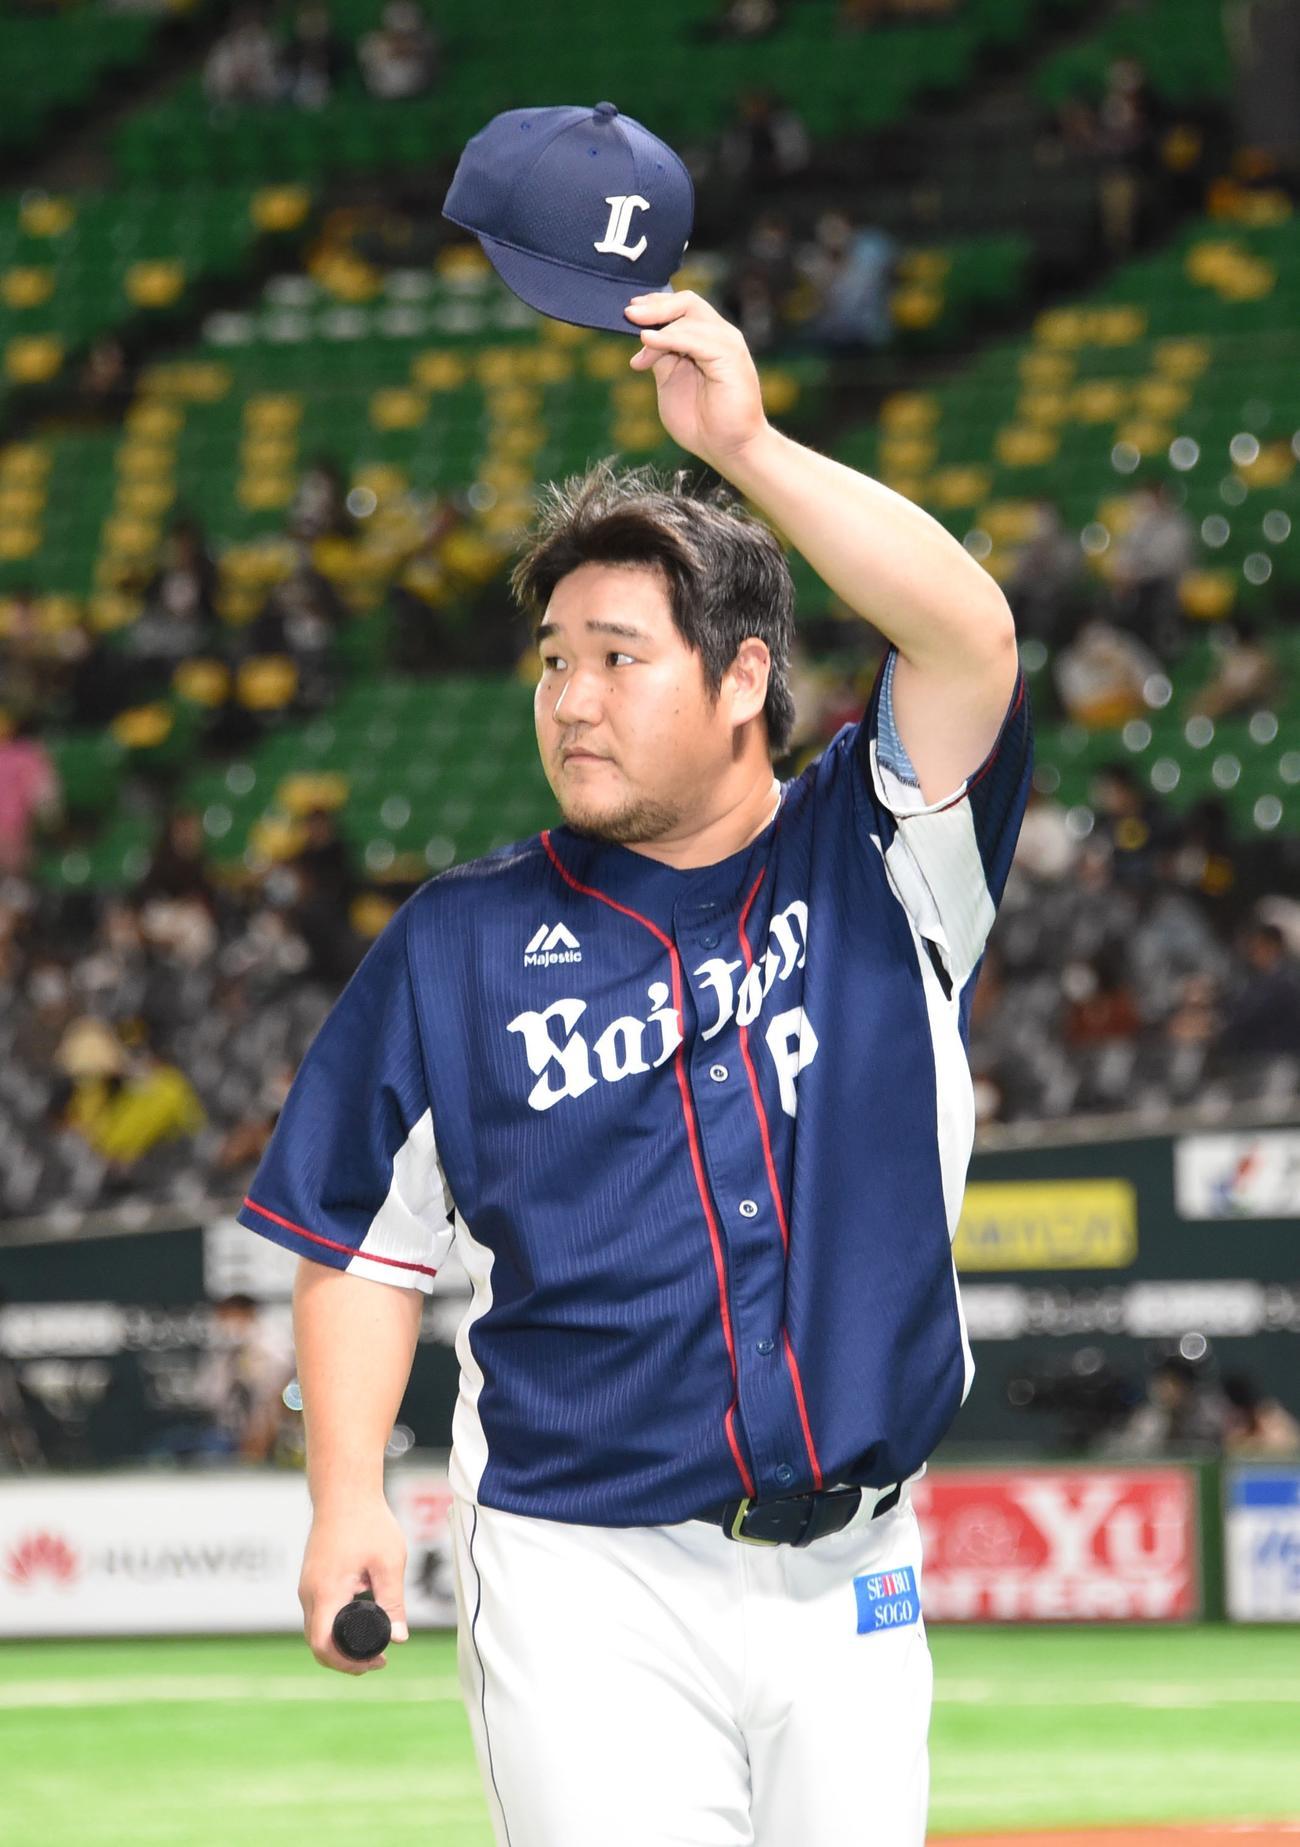 ソフトバンク対西武 満塁本塁打を放った中村剛也はレフトスタンドのファンに手を振る(撮影・今浪浩三)